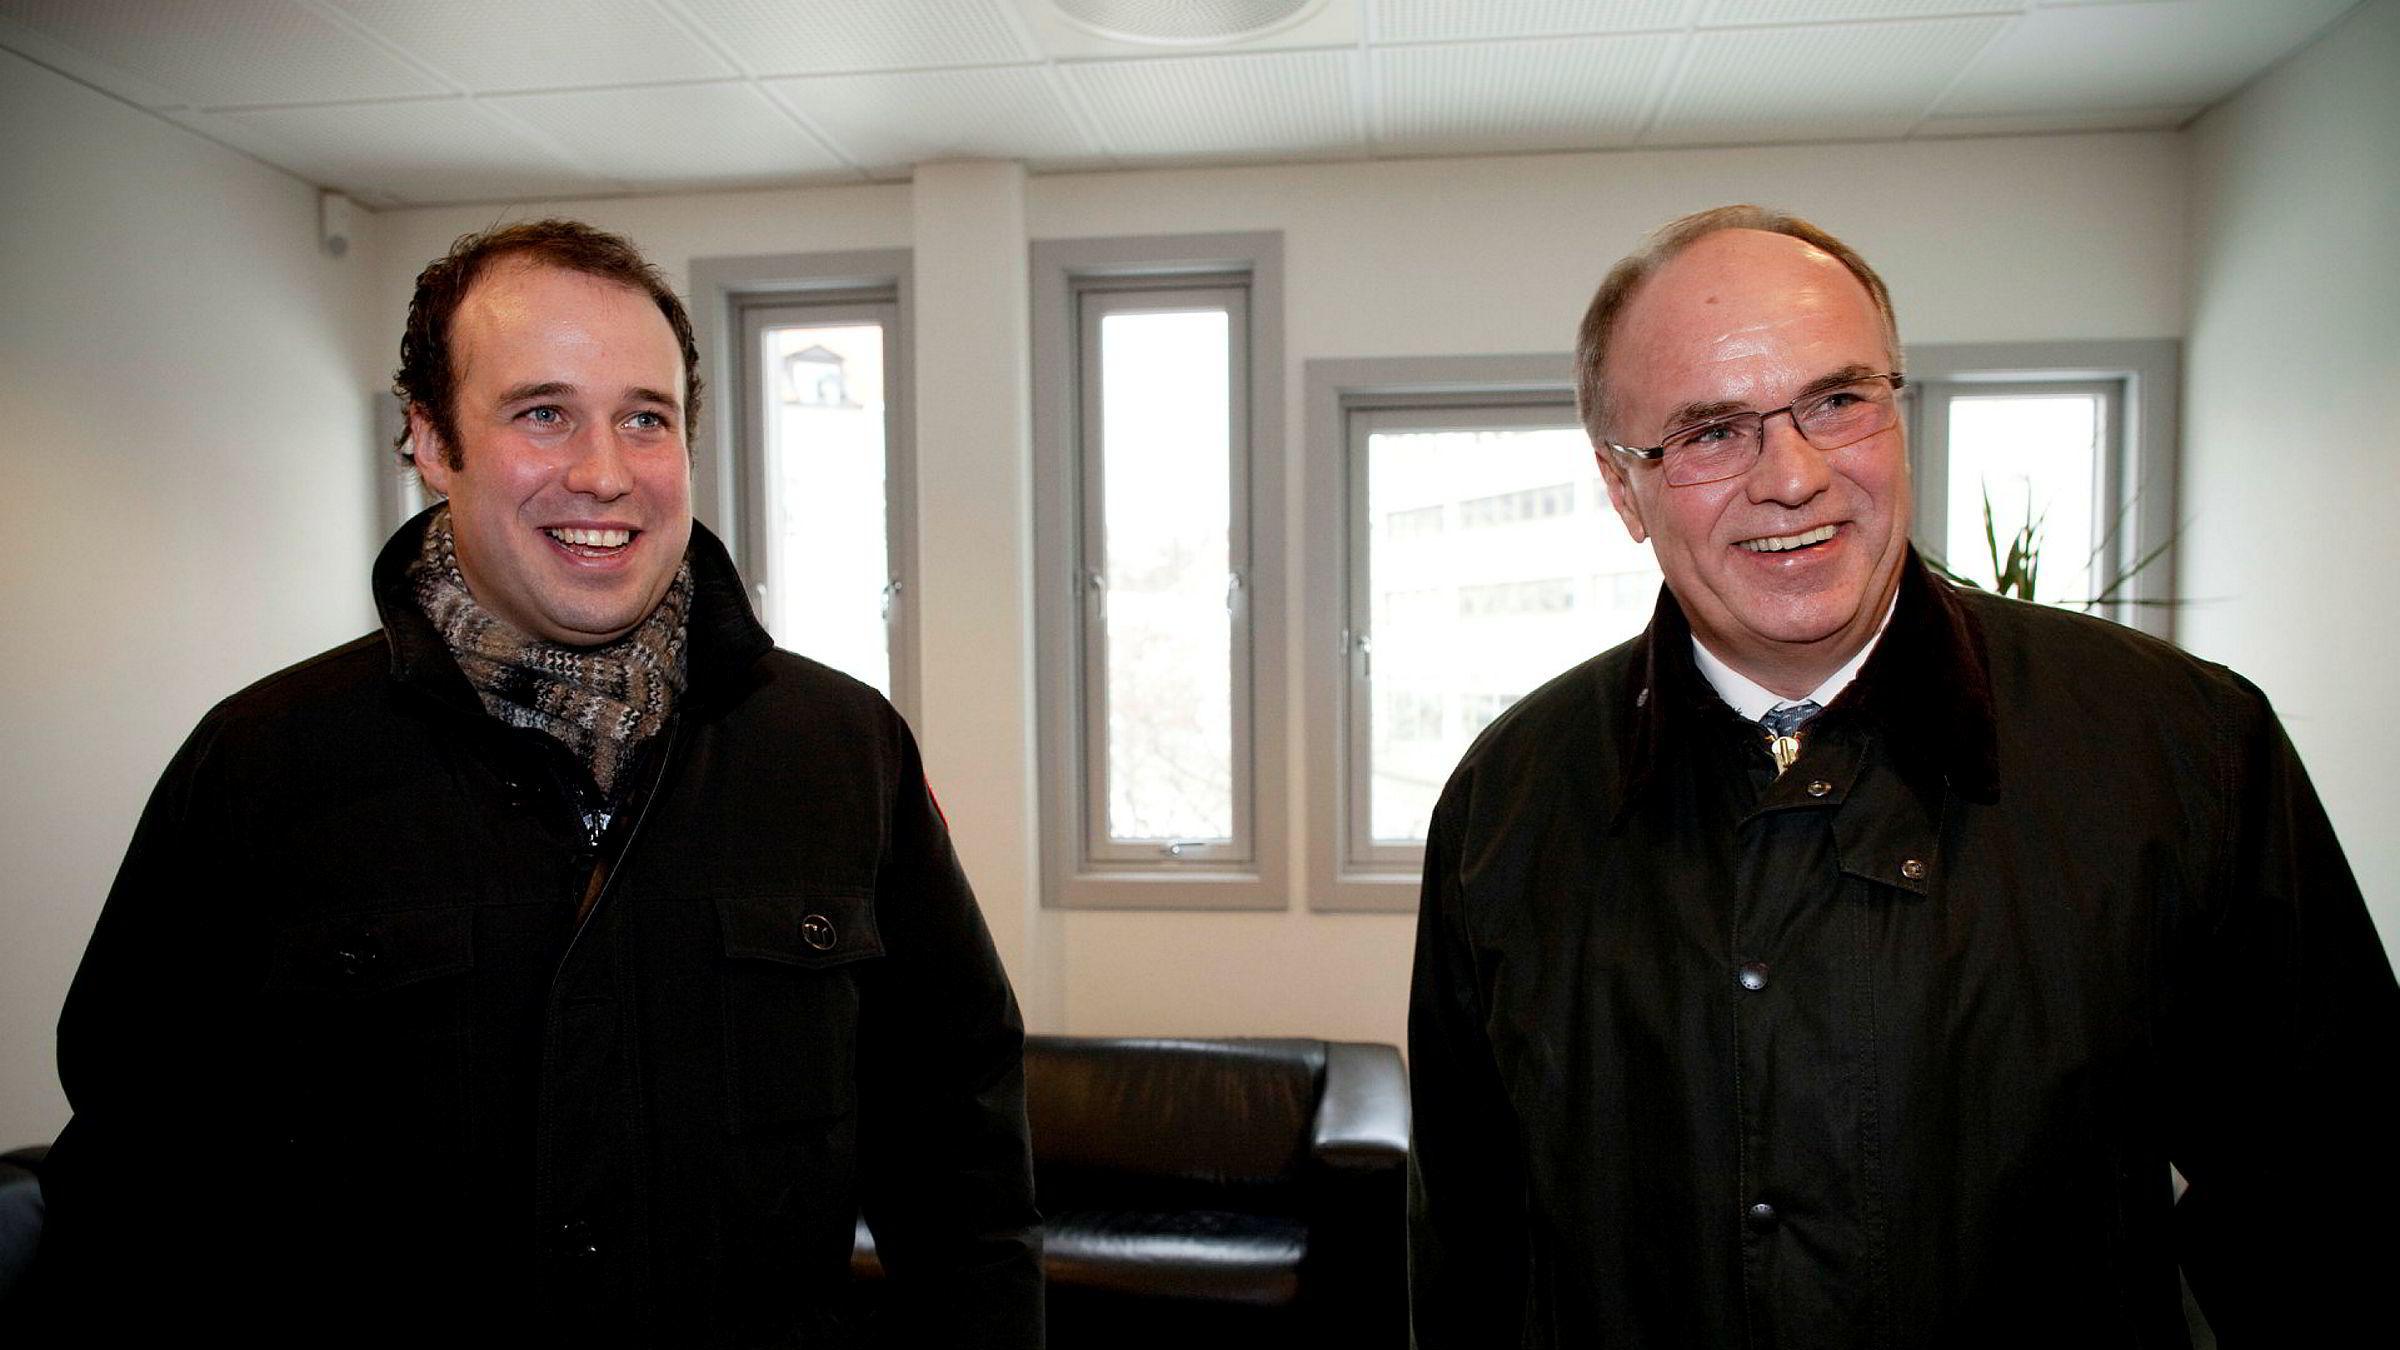 Eiendomsinvestor Johan Benad Ugland (til høyre) investerte i et eiendomsprosjekt med to andre i 2015. Nå ligger det an til å selges med en gevinst på 500 millioner kroner for investorene. Her med sønnen Johan Martin Ugland som er sjef i farens konsern.